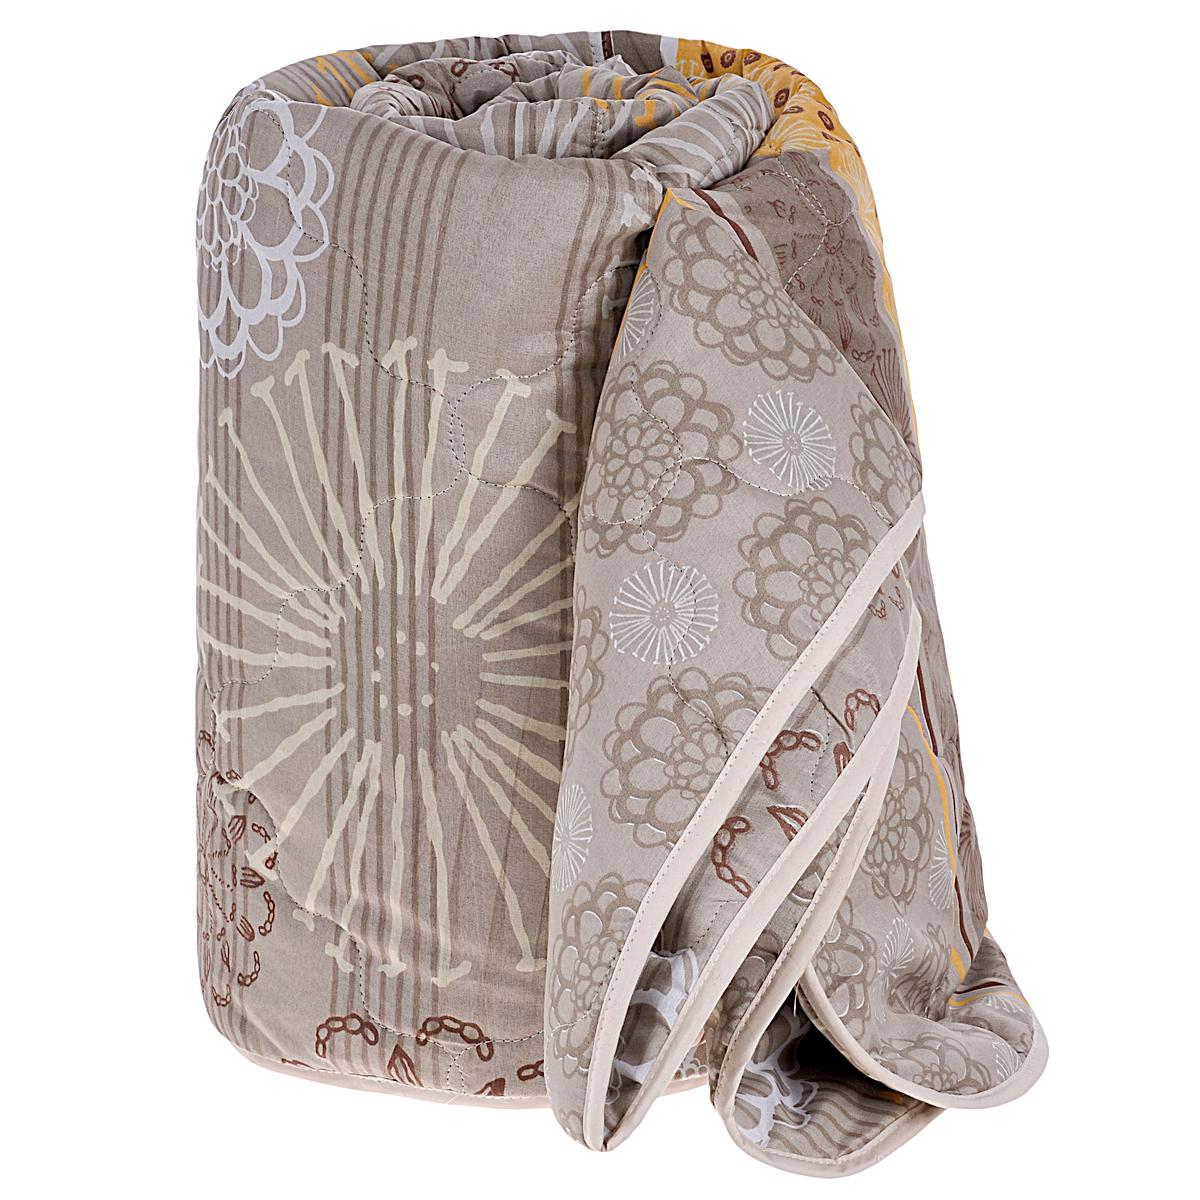 Одеяло всесезонное OL-Tex Miotex, наполнитель: полиэфирное волокно Holfiteks, цвет: серый, 172 см х 205 смМХПЭ-18-3Всесезонное одеяло OL-Tex Miotex создаст комфорт и уют во время сна. Стеганый чехол выполнен из полиэстера и оформлен красивым цветочным рисунком. Внутри - современный наполнитель из полиэфирного высокосиликонизированного волокна Holfiteks, упругий и качественный. Холфитекс - современный экологически чистый синтетический материал, изготовленный по новейшим технологиям. Его уникальность заключается в расположении волокон, которые позволяют моментально восстанавливать форму и сохранять ее долгое время. Изделия с использованием Холфитекса очень удобны в эксплуатации - их можно часто стирать без потери потребительских свойств, они быстро высыхают, не впитывают запахов и совершенно гиппоаллергенны. Холфитекс также обеспечивает хорошую терморегуляцию, поэтому изделия с наполнителем из холфитекса очень комфортны в использовании. Одеяло с наполнителем Холфитекс порадует вас в любое время года. Оно комфортно согревает и создает отличный микроклимат. За одеялом...